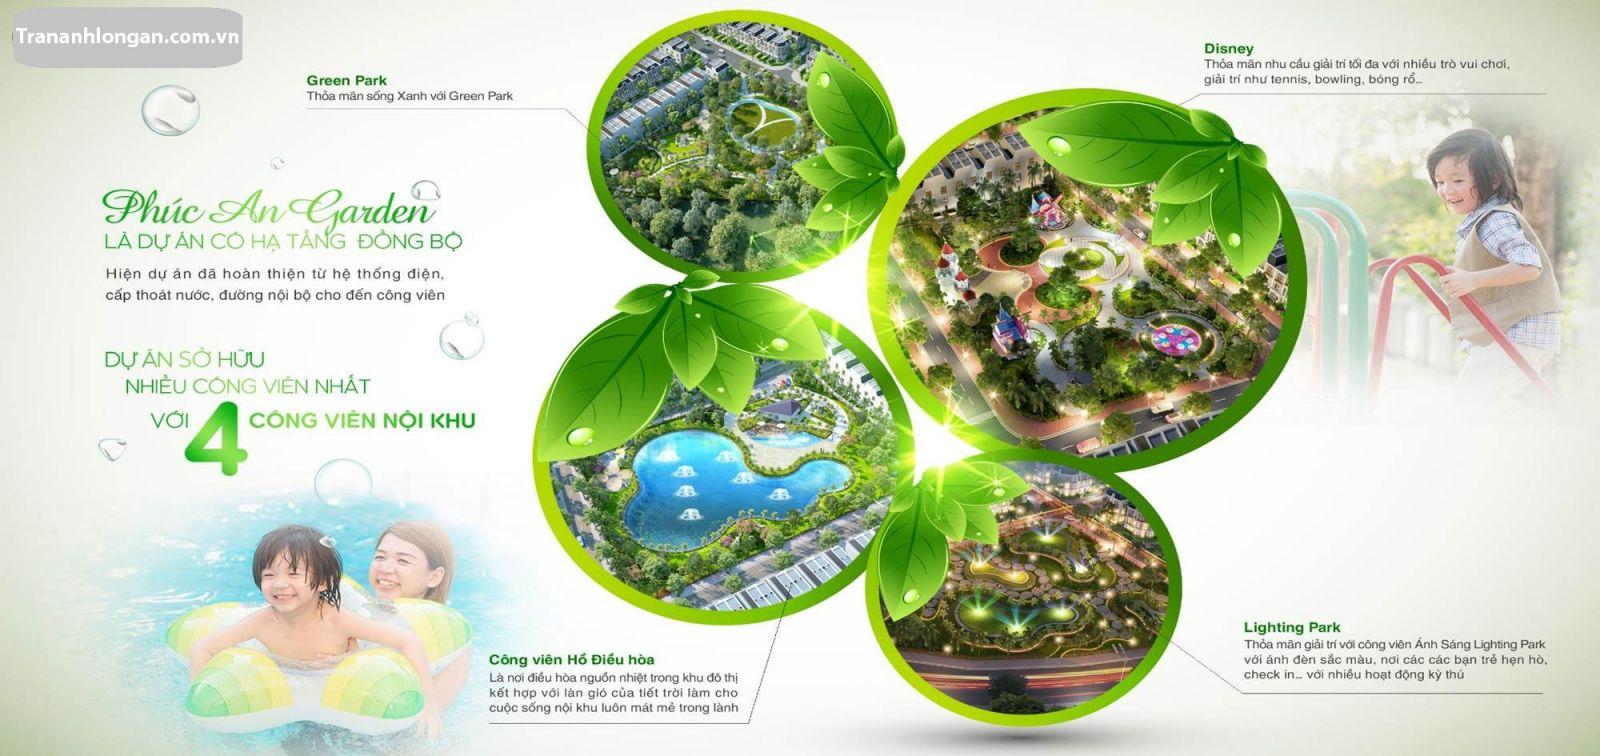 tien-ich-Phuc-An-Garden-Binh-duong